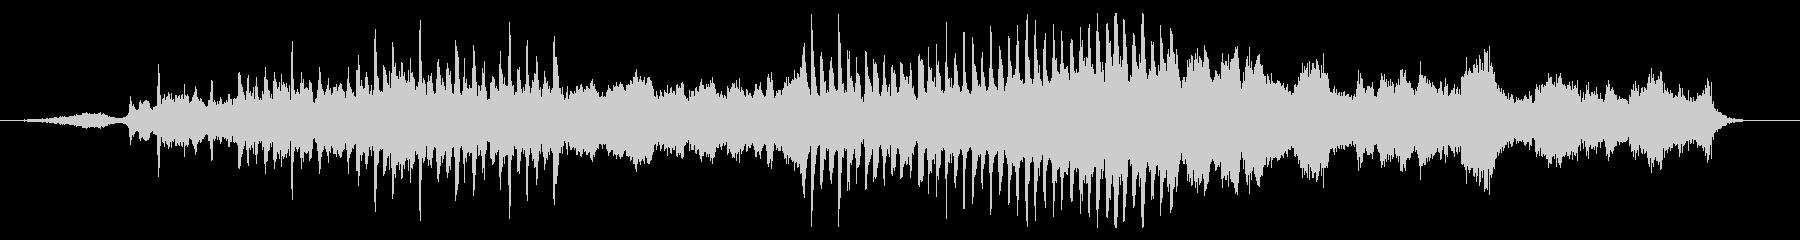 凛とした佇まいの和テイスト風オーケストラの未再生の波形